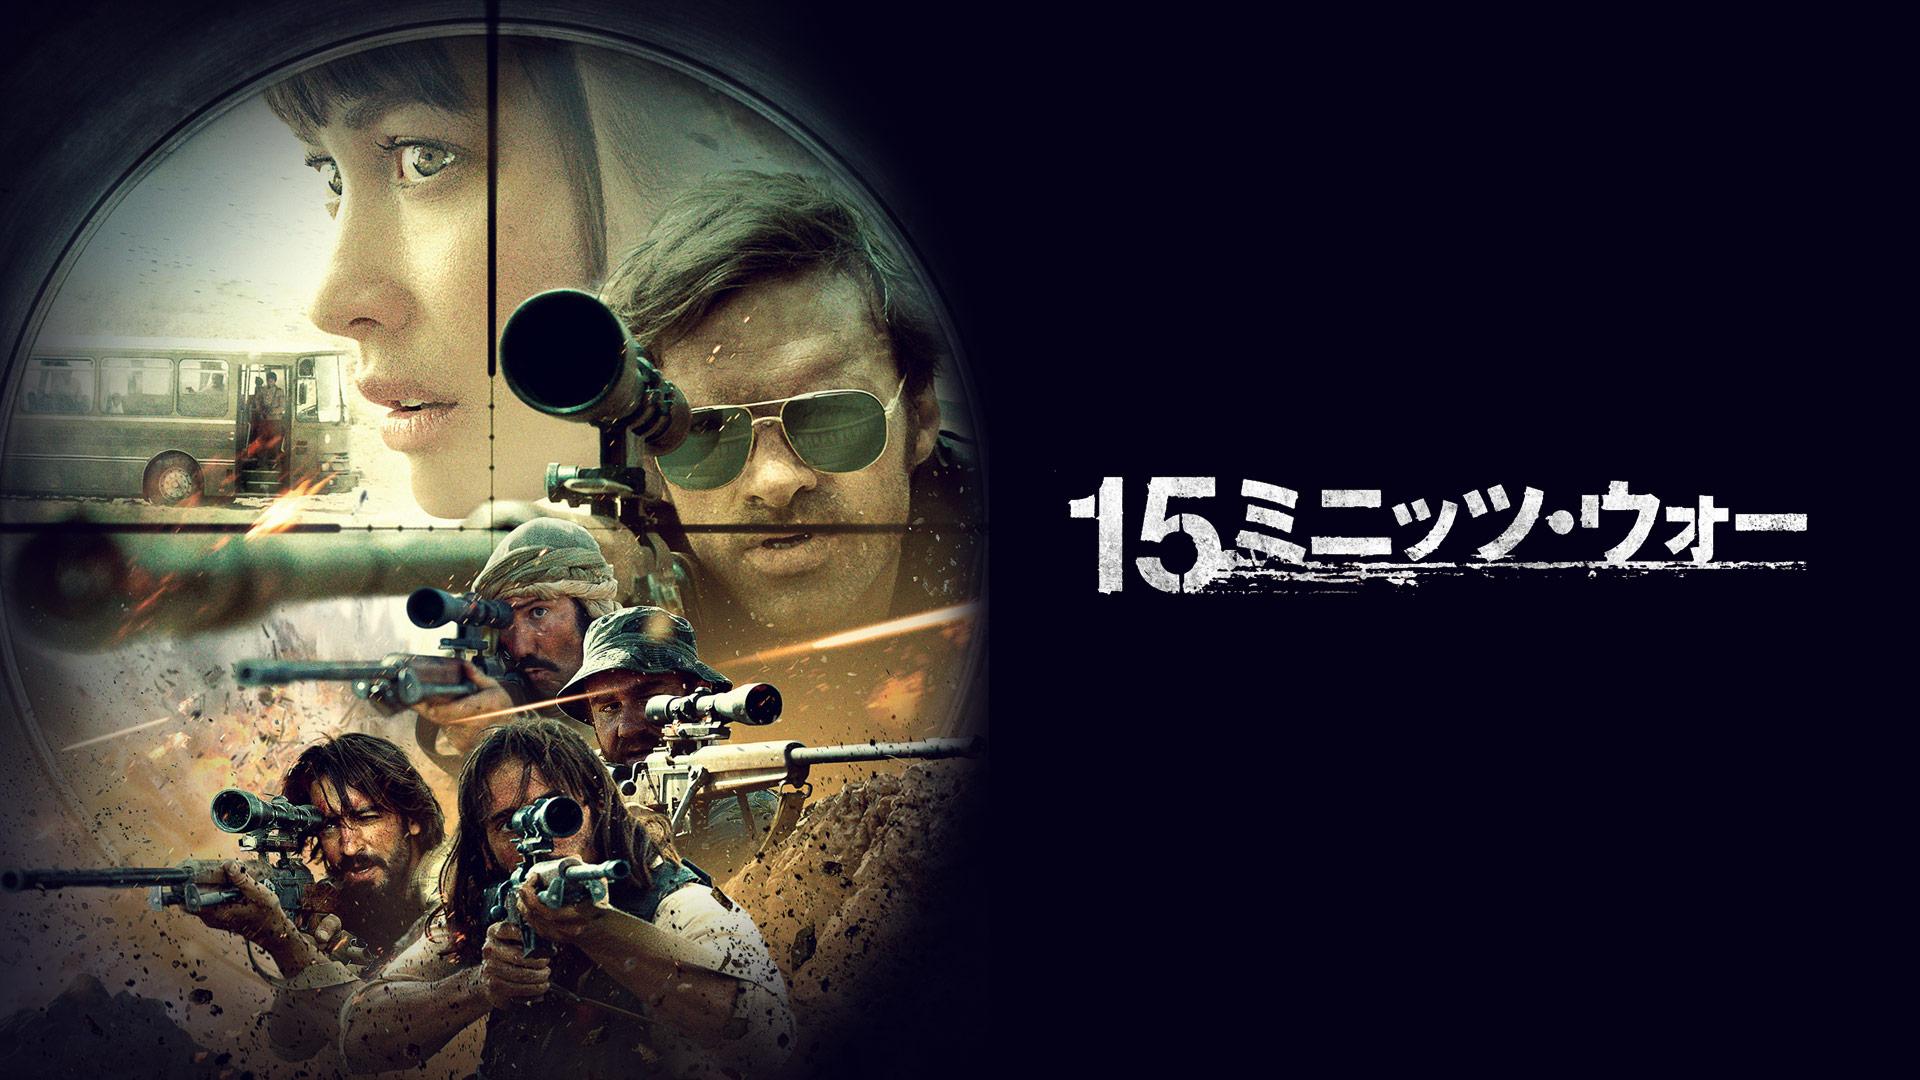 15ミニッツ・ウォー(吹替版)